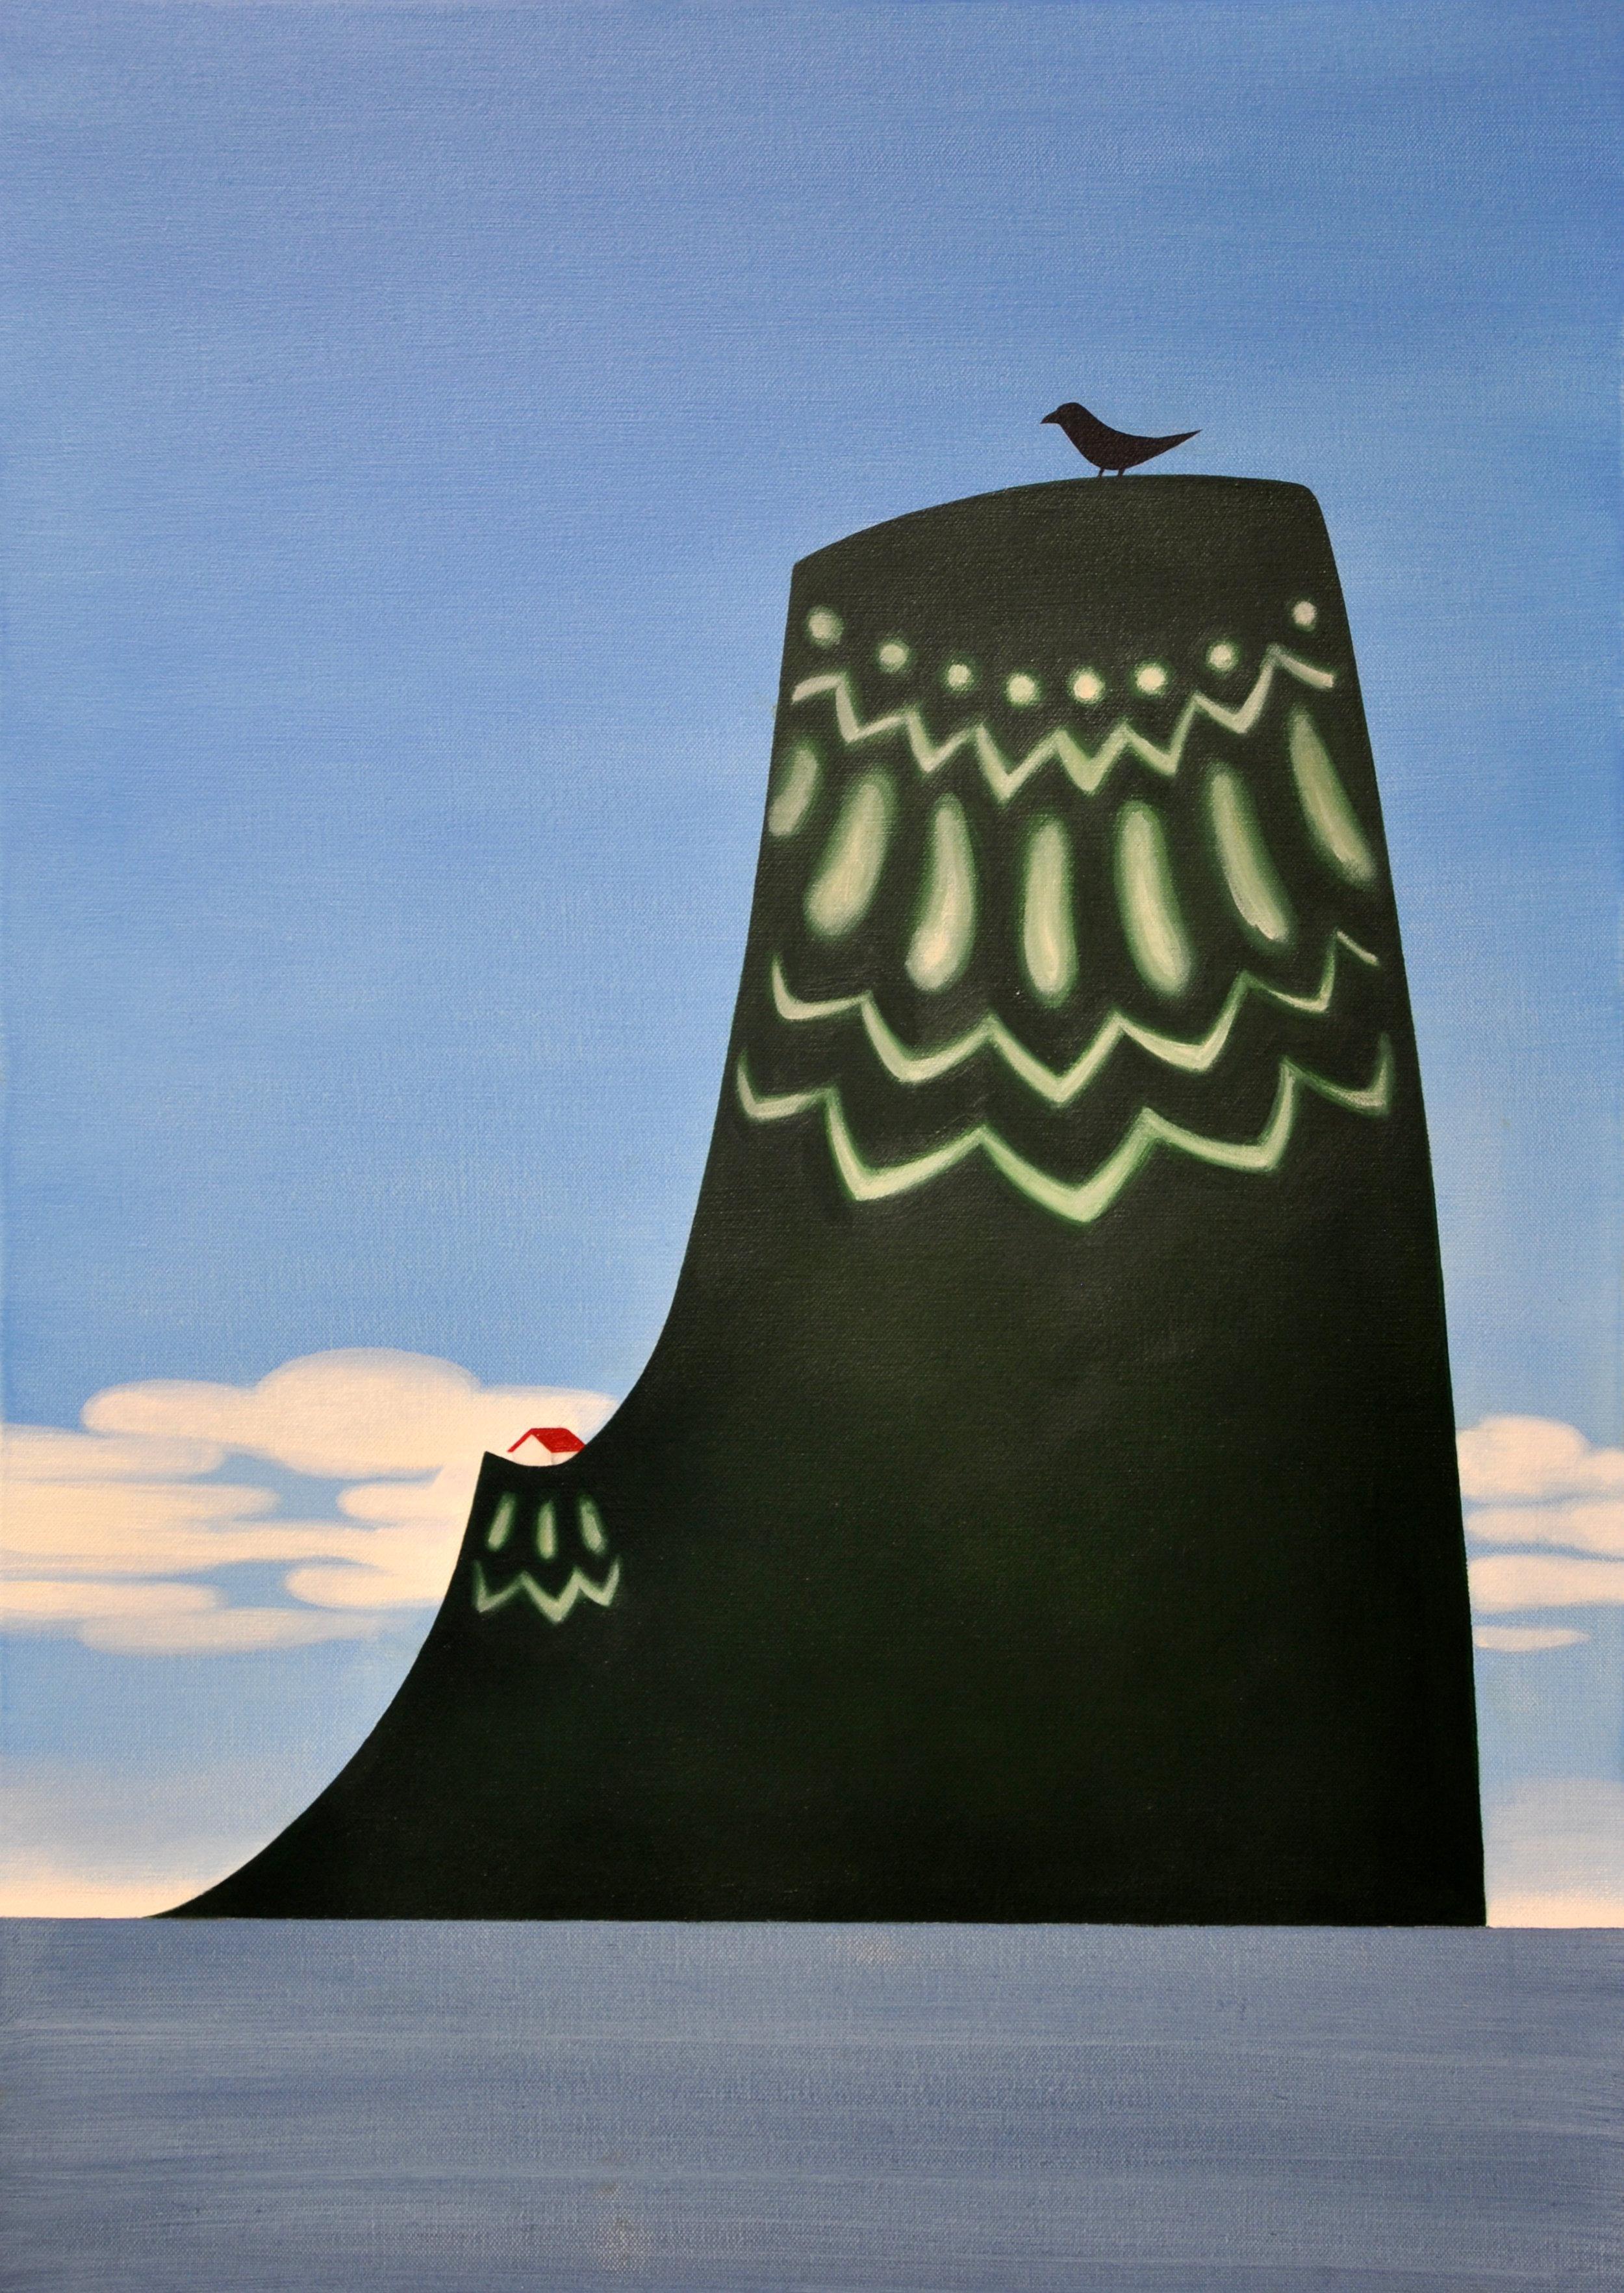 Lopapeysa Crow Mountain